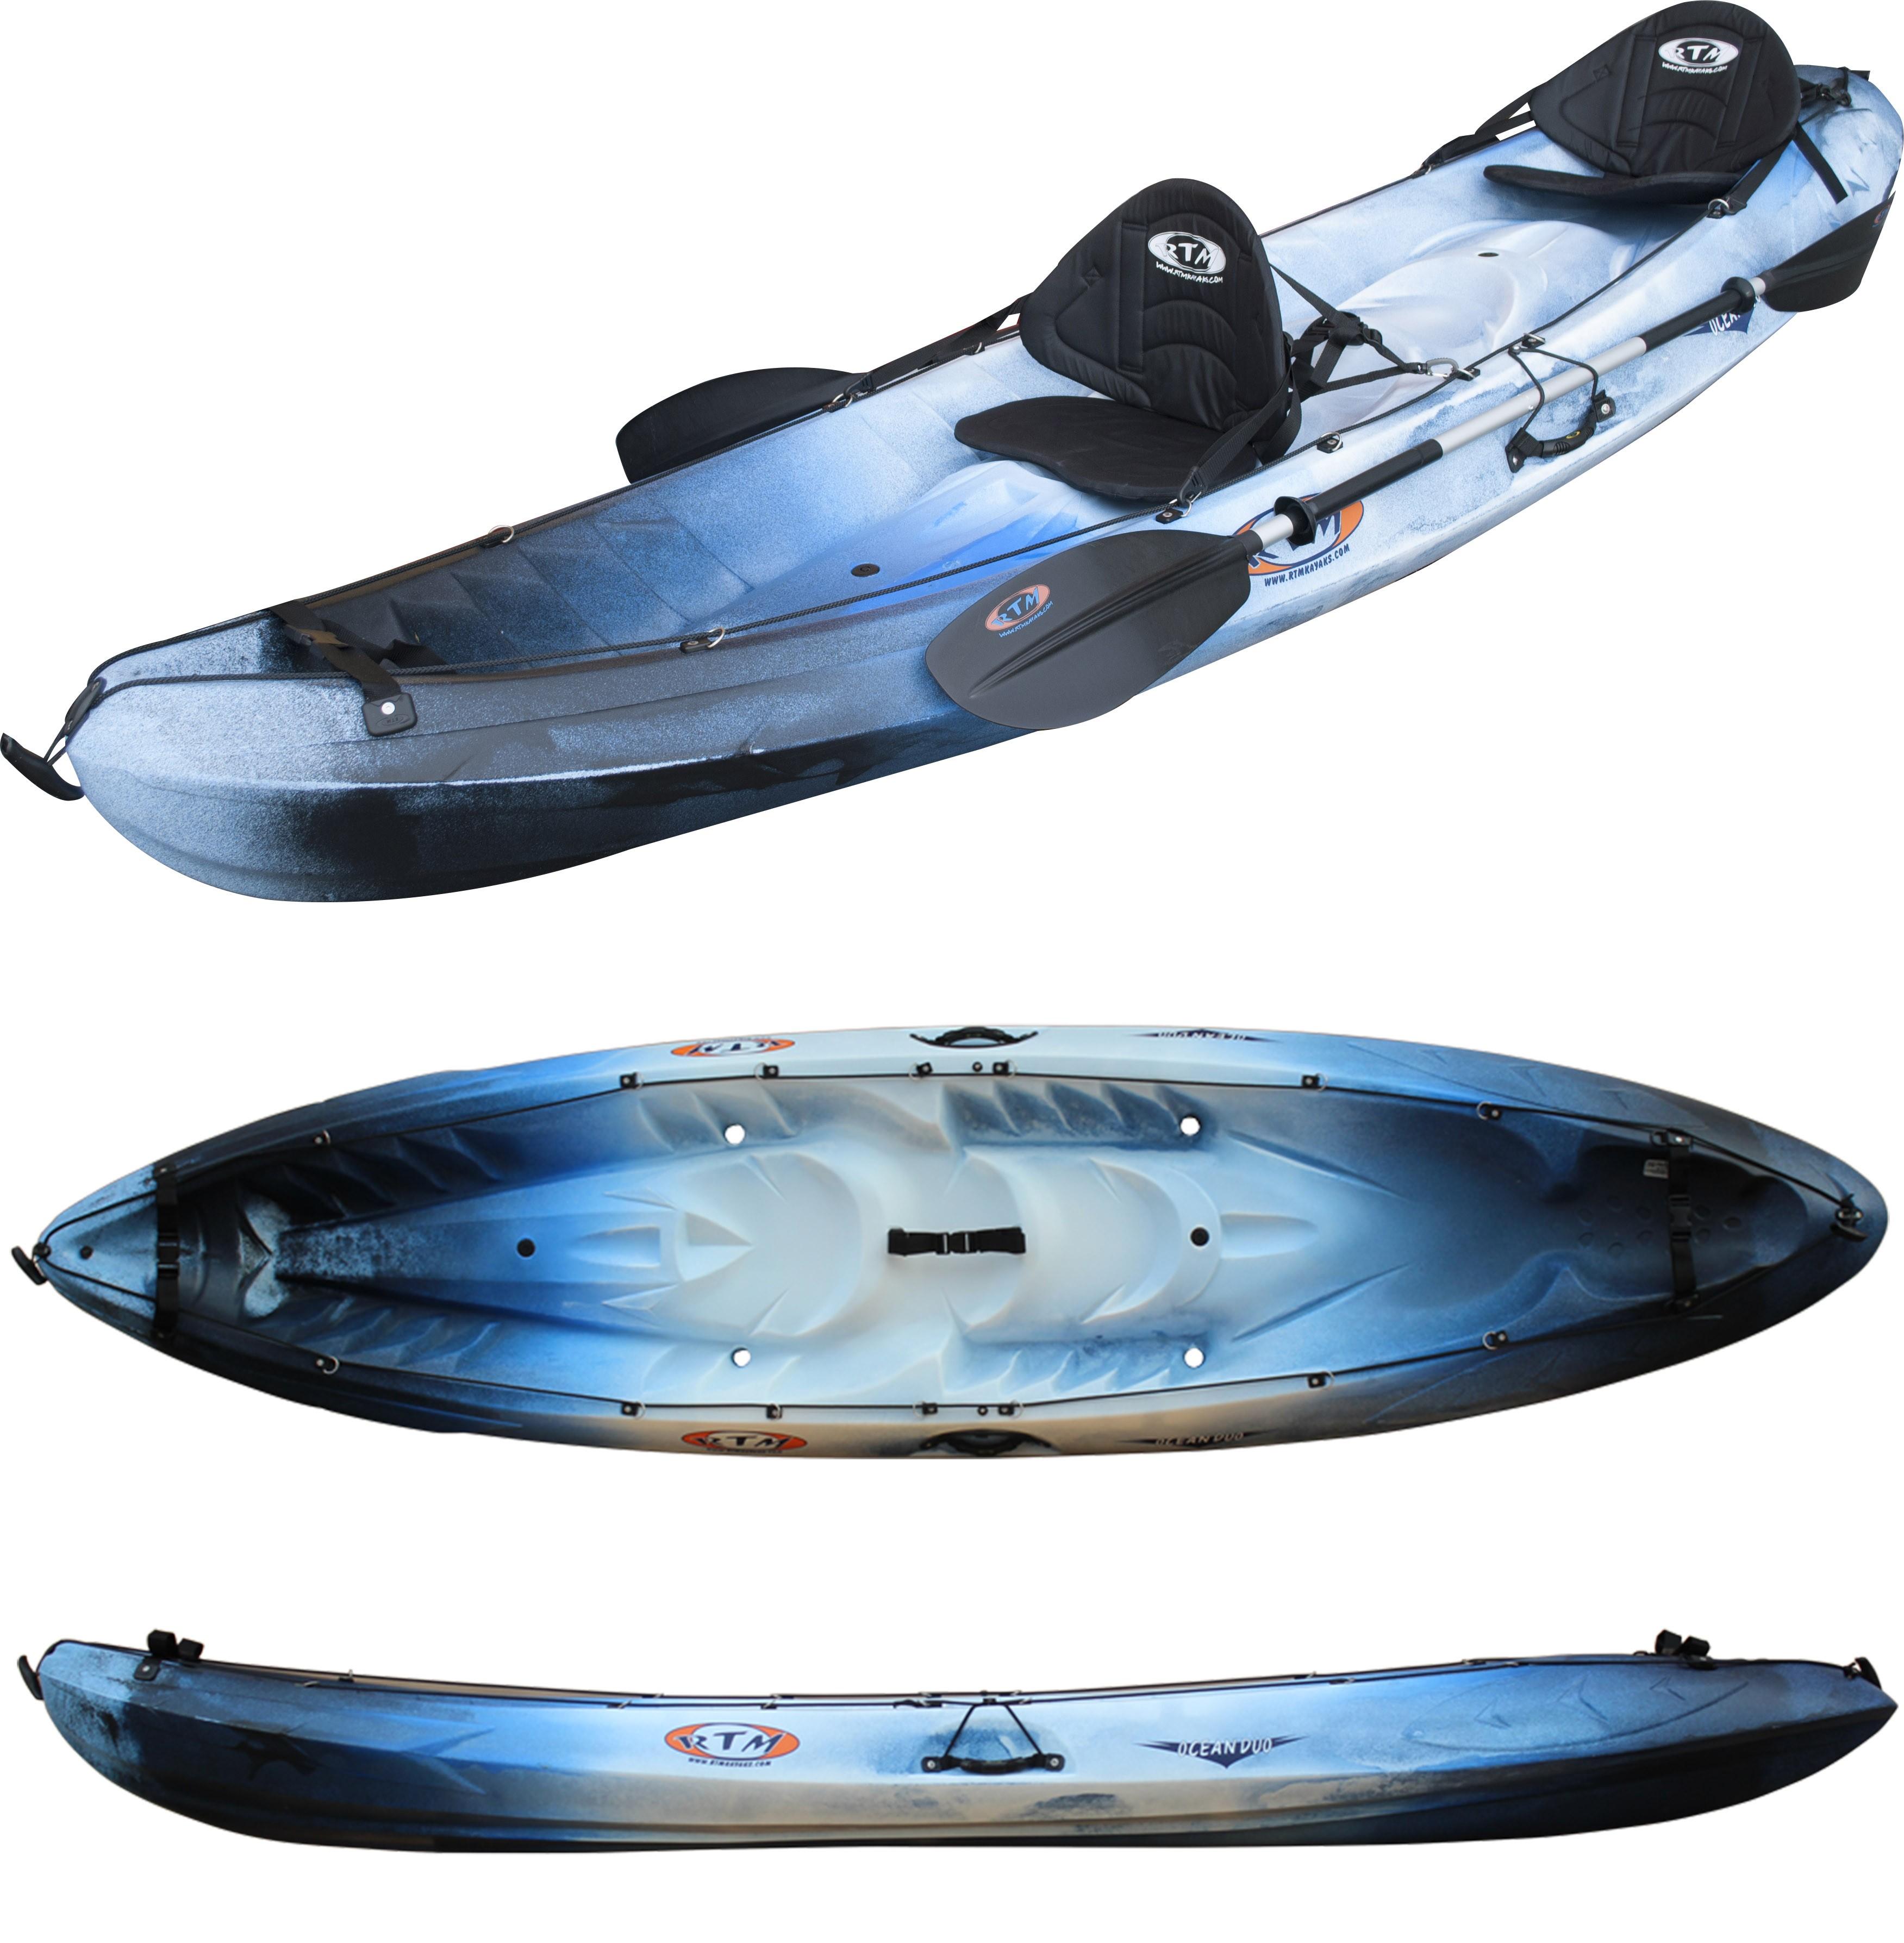 Kayak RTM Océan Duo (Couleur Freeze : Bleu et Noir)